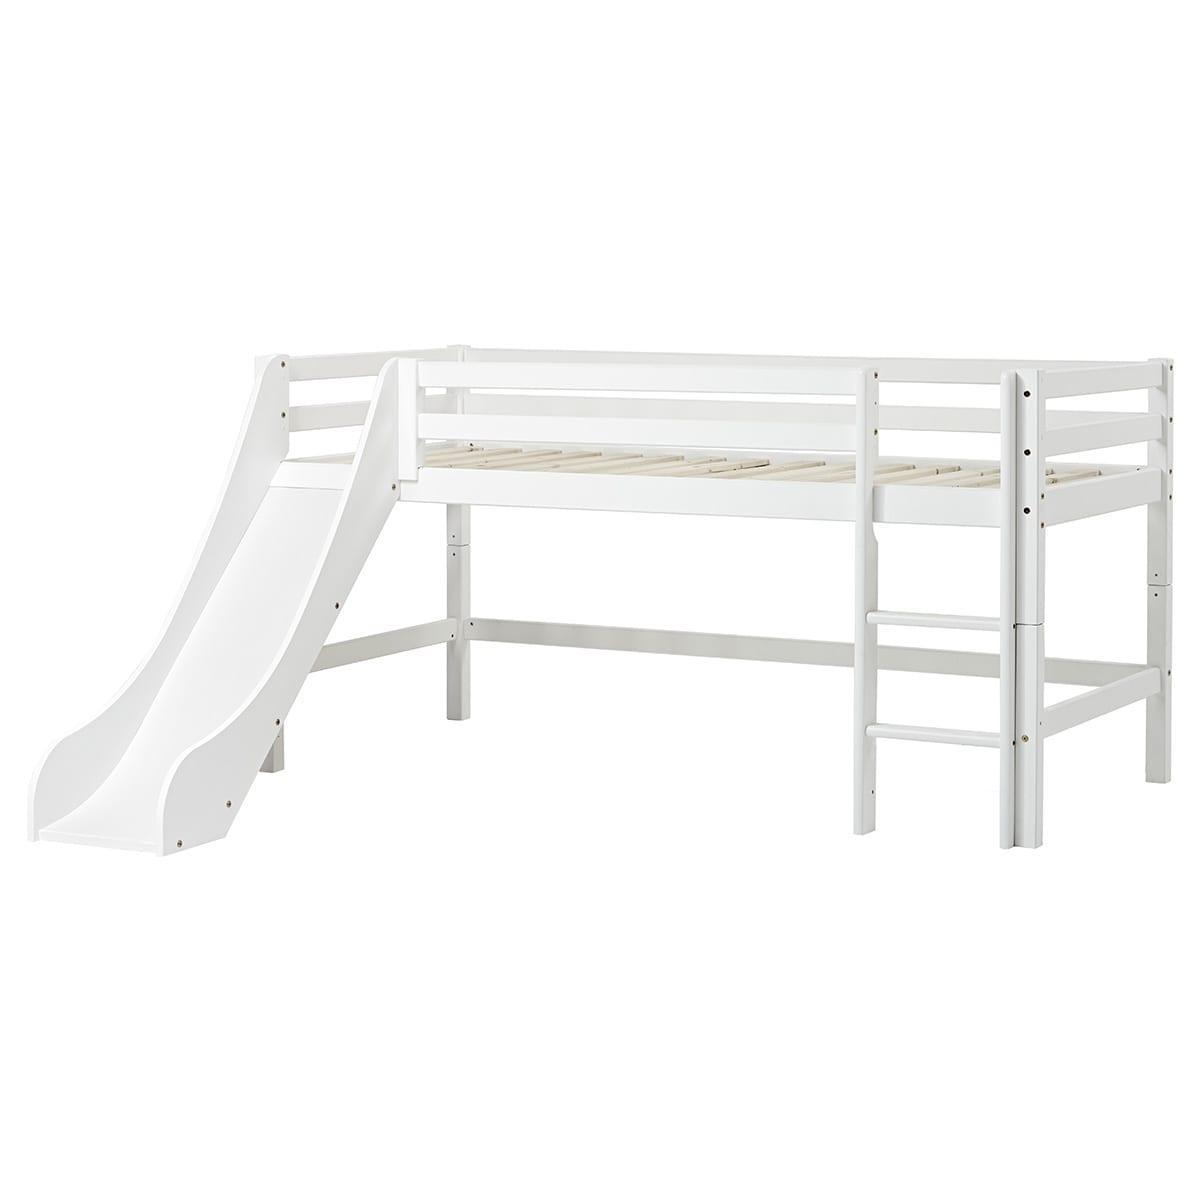 90 x 200 cm - Svanemærket halvhøj seng